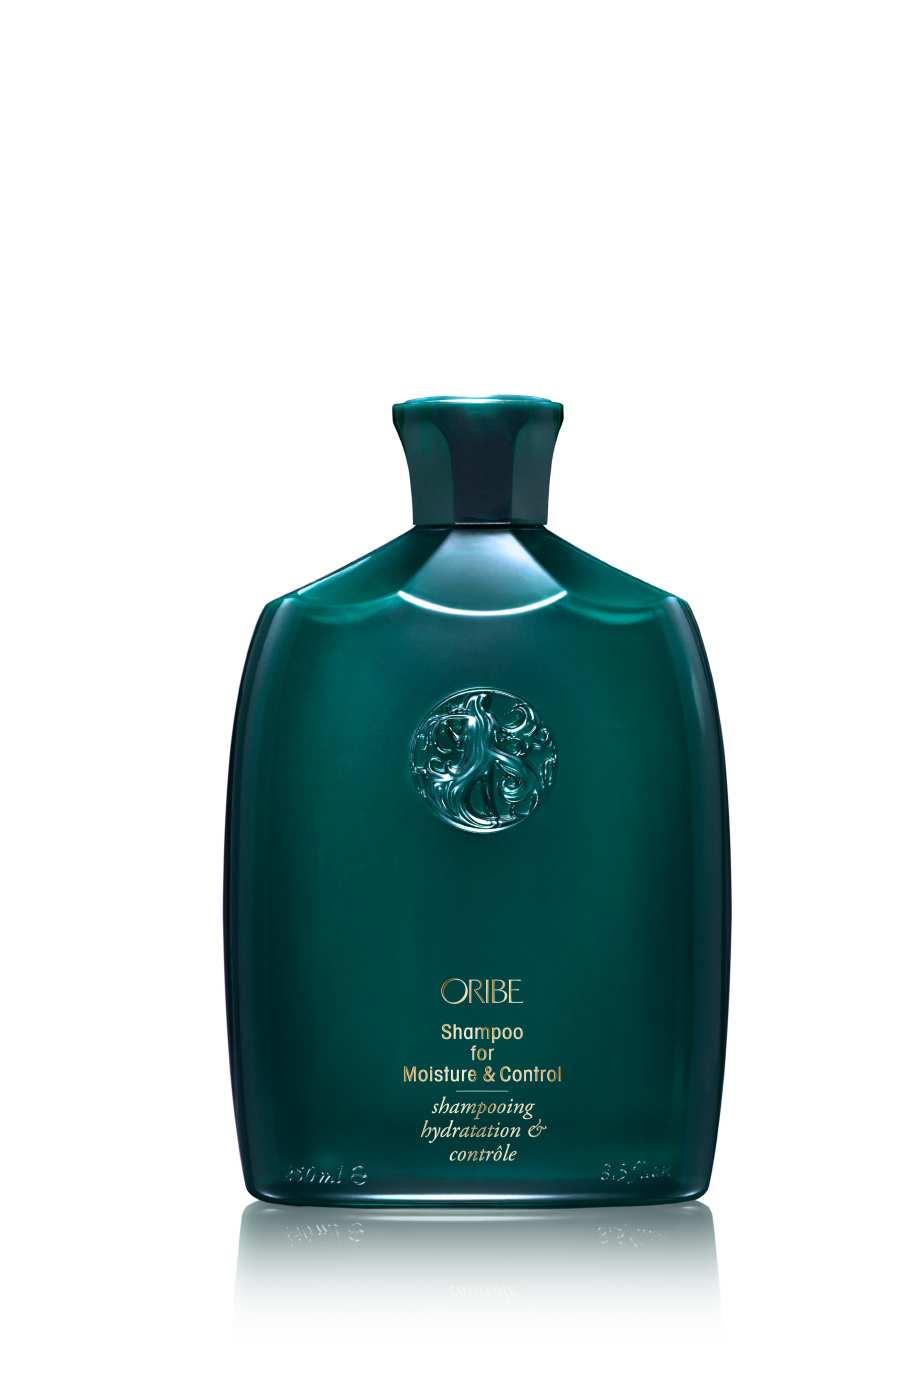 Шампунь для увлажнения и контроля Источник красоты / Shampoo for Moisture and Control 250 мл